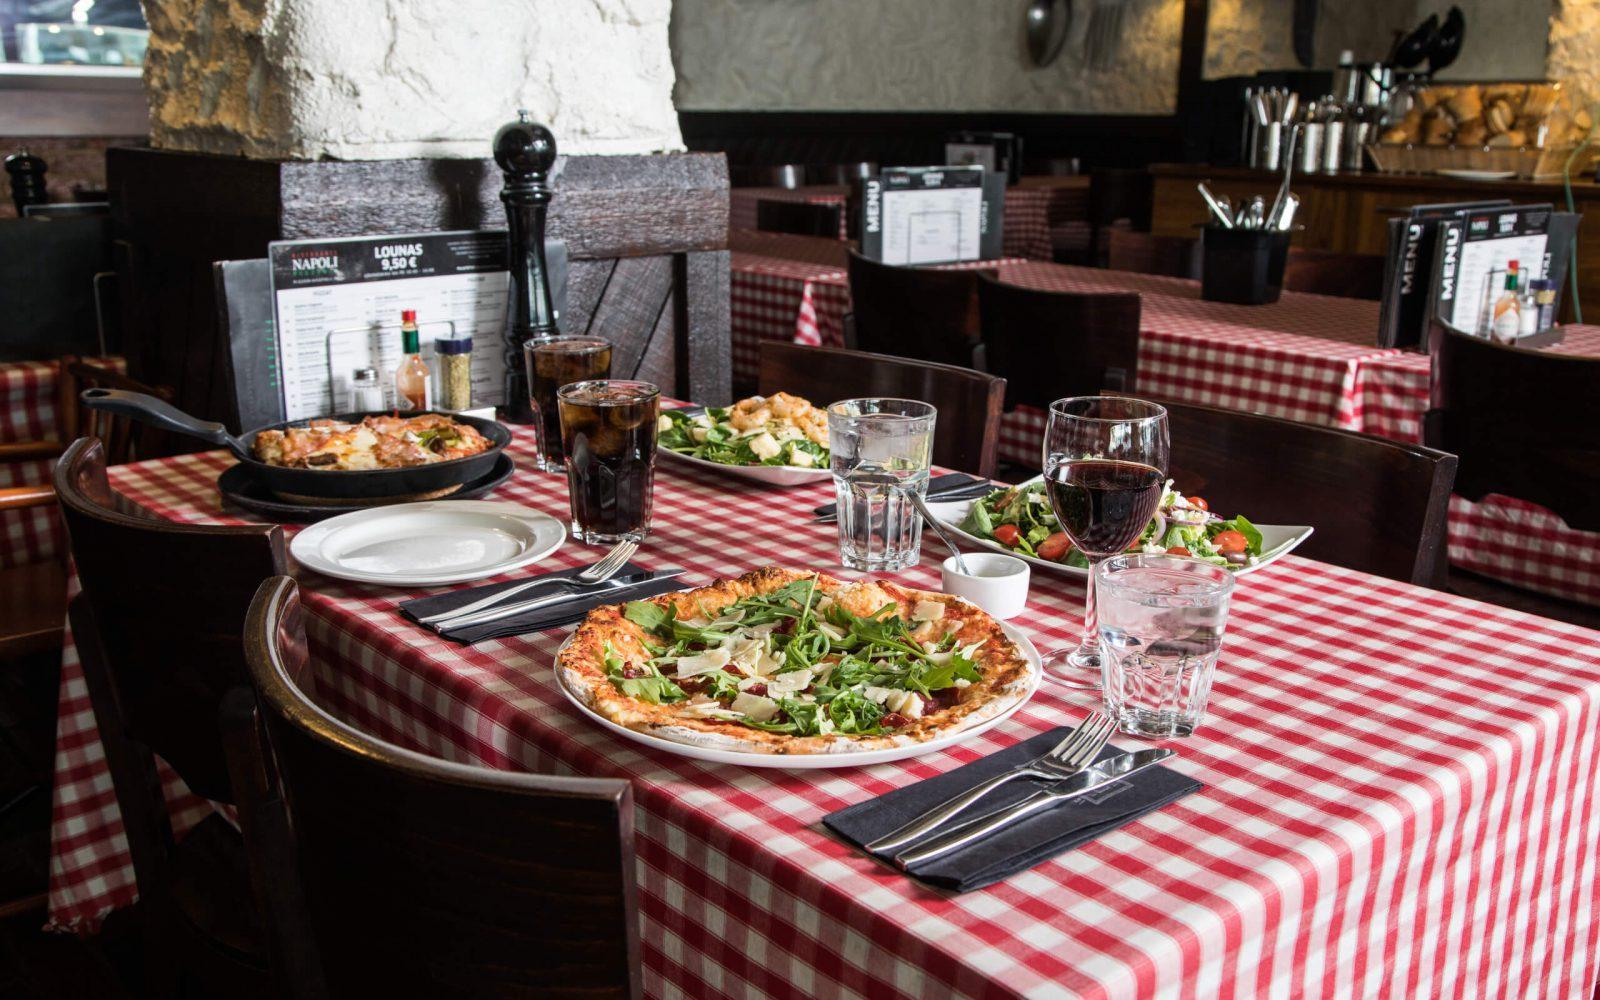 pizzeria-napoli-background